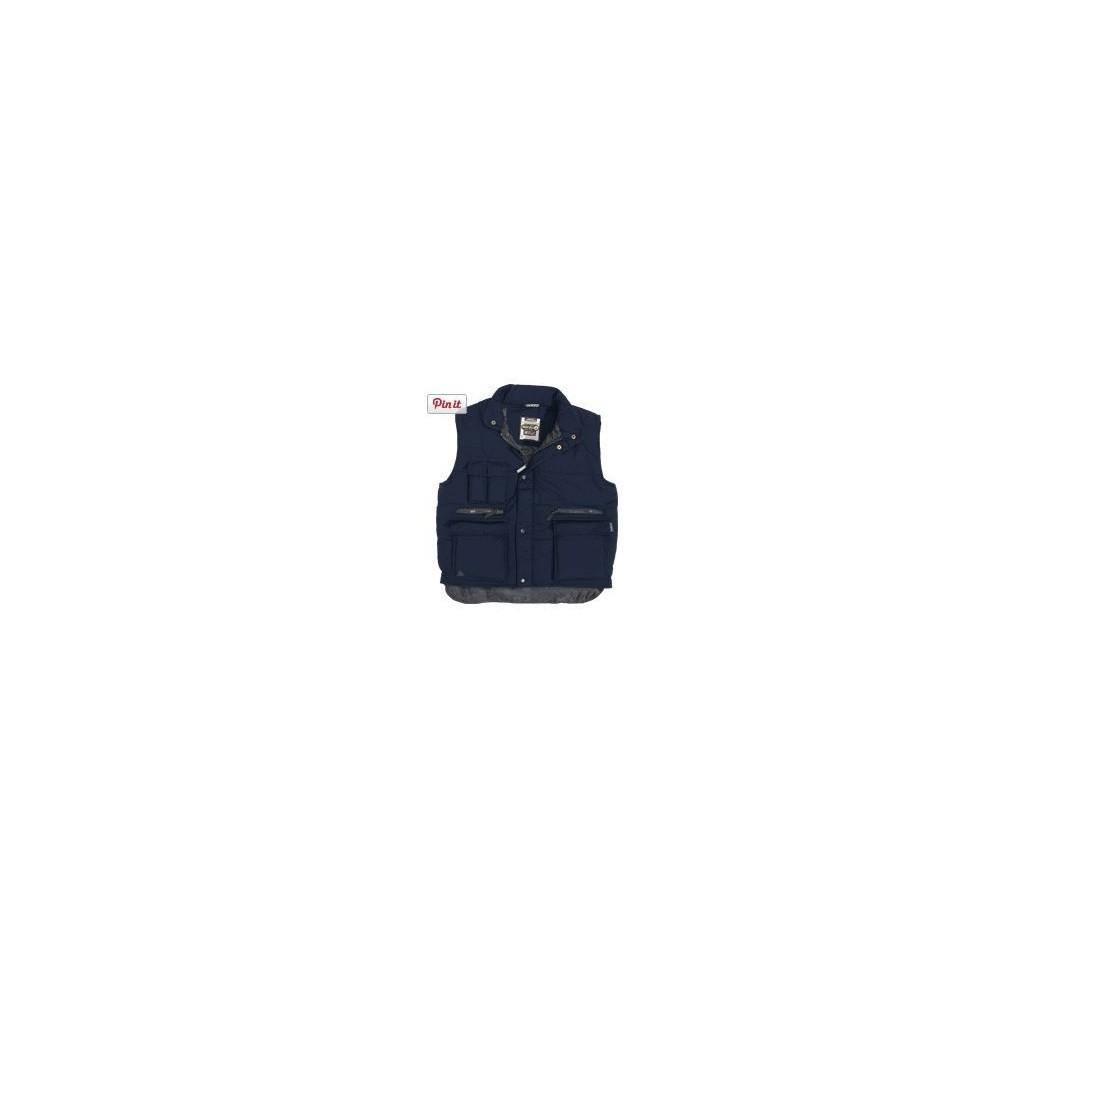 Chaleco multibolsillo de poliester SIERRA azul marino